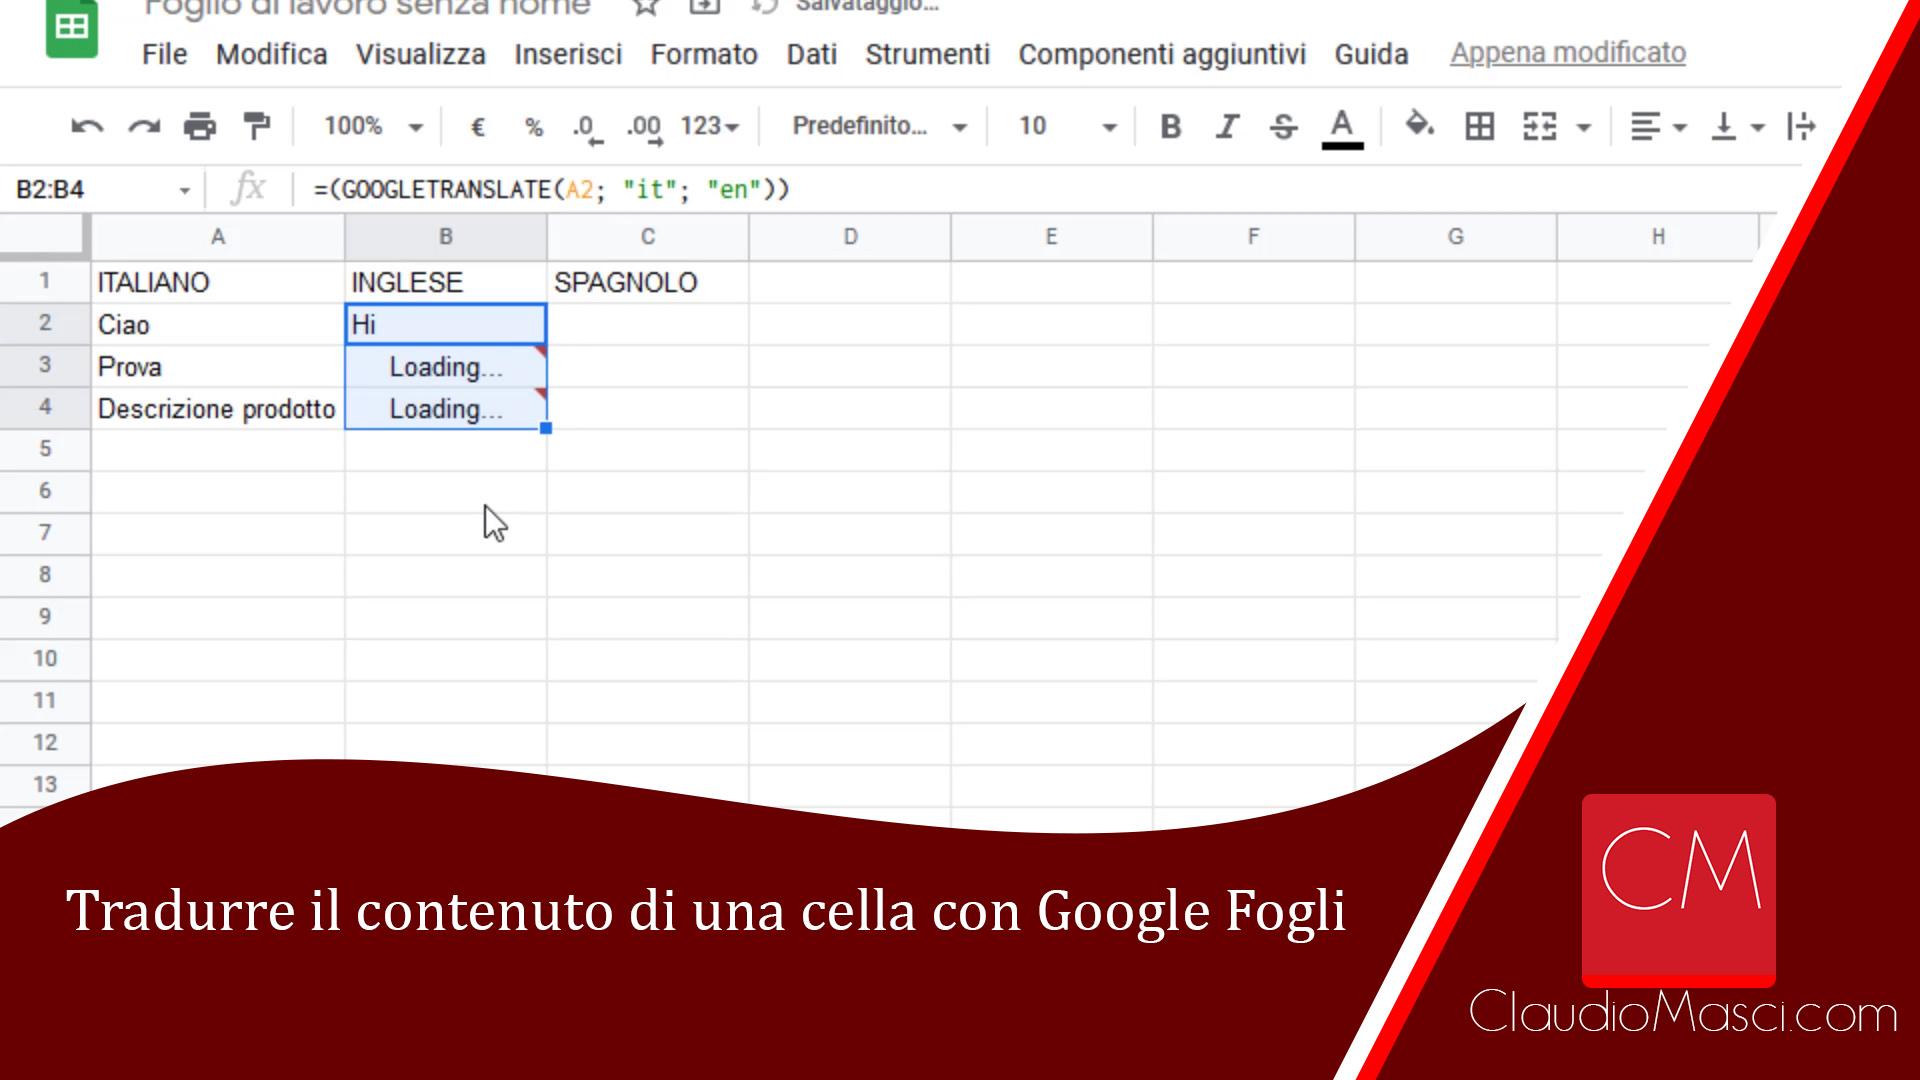 Tradurre il contenuto di una cella con Google Fogli